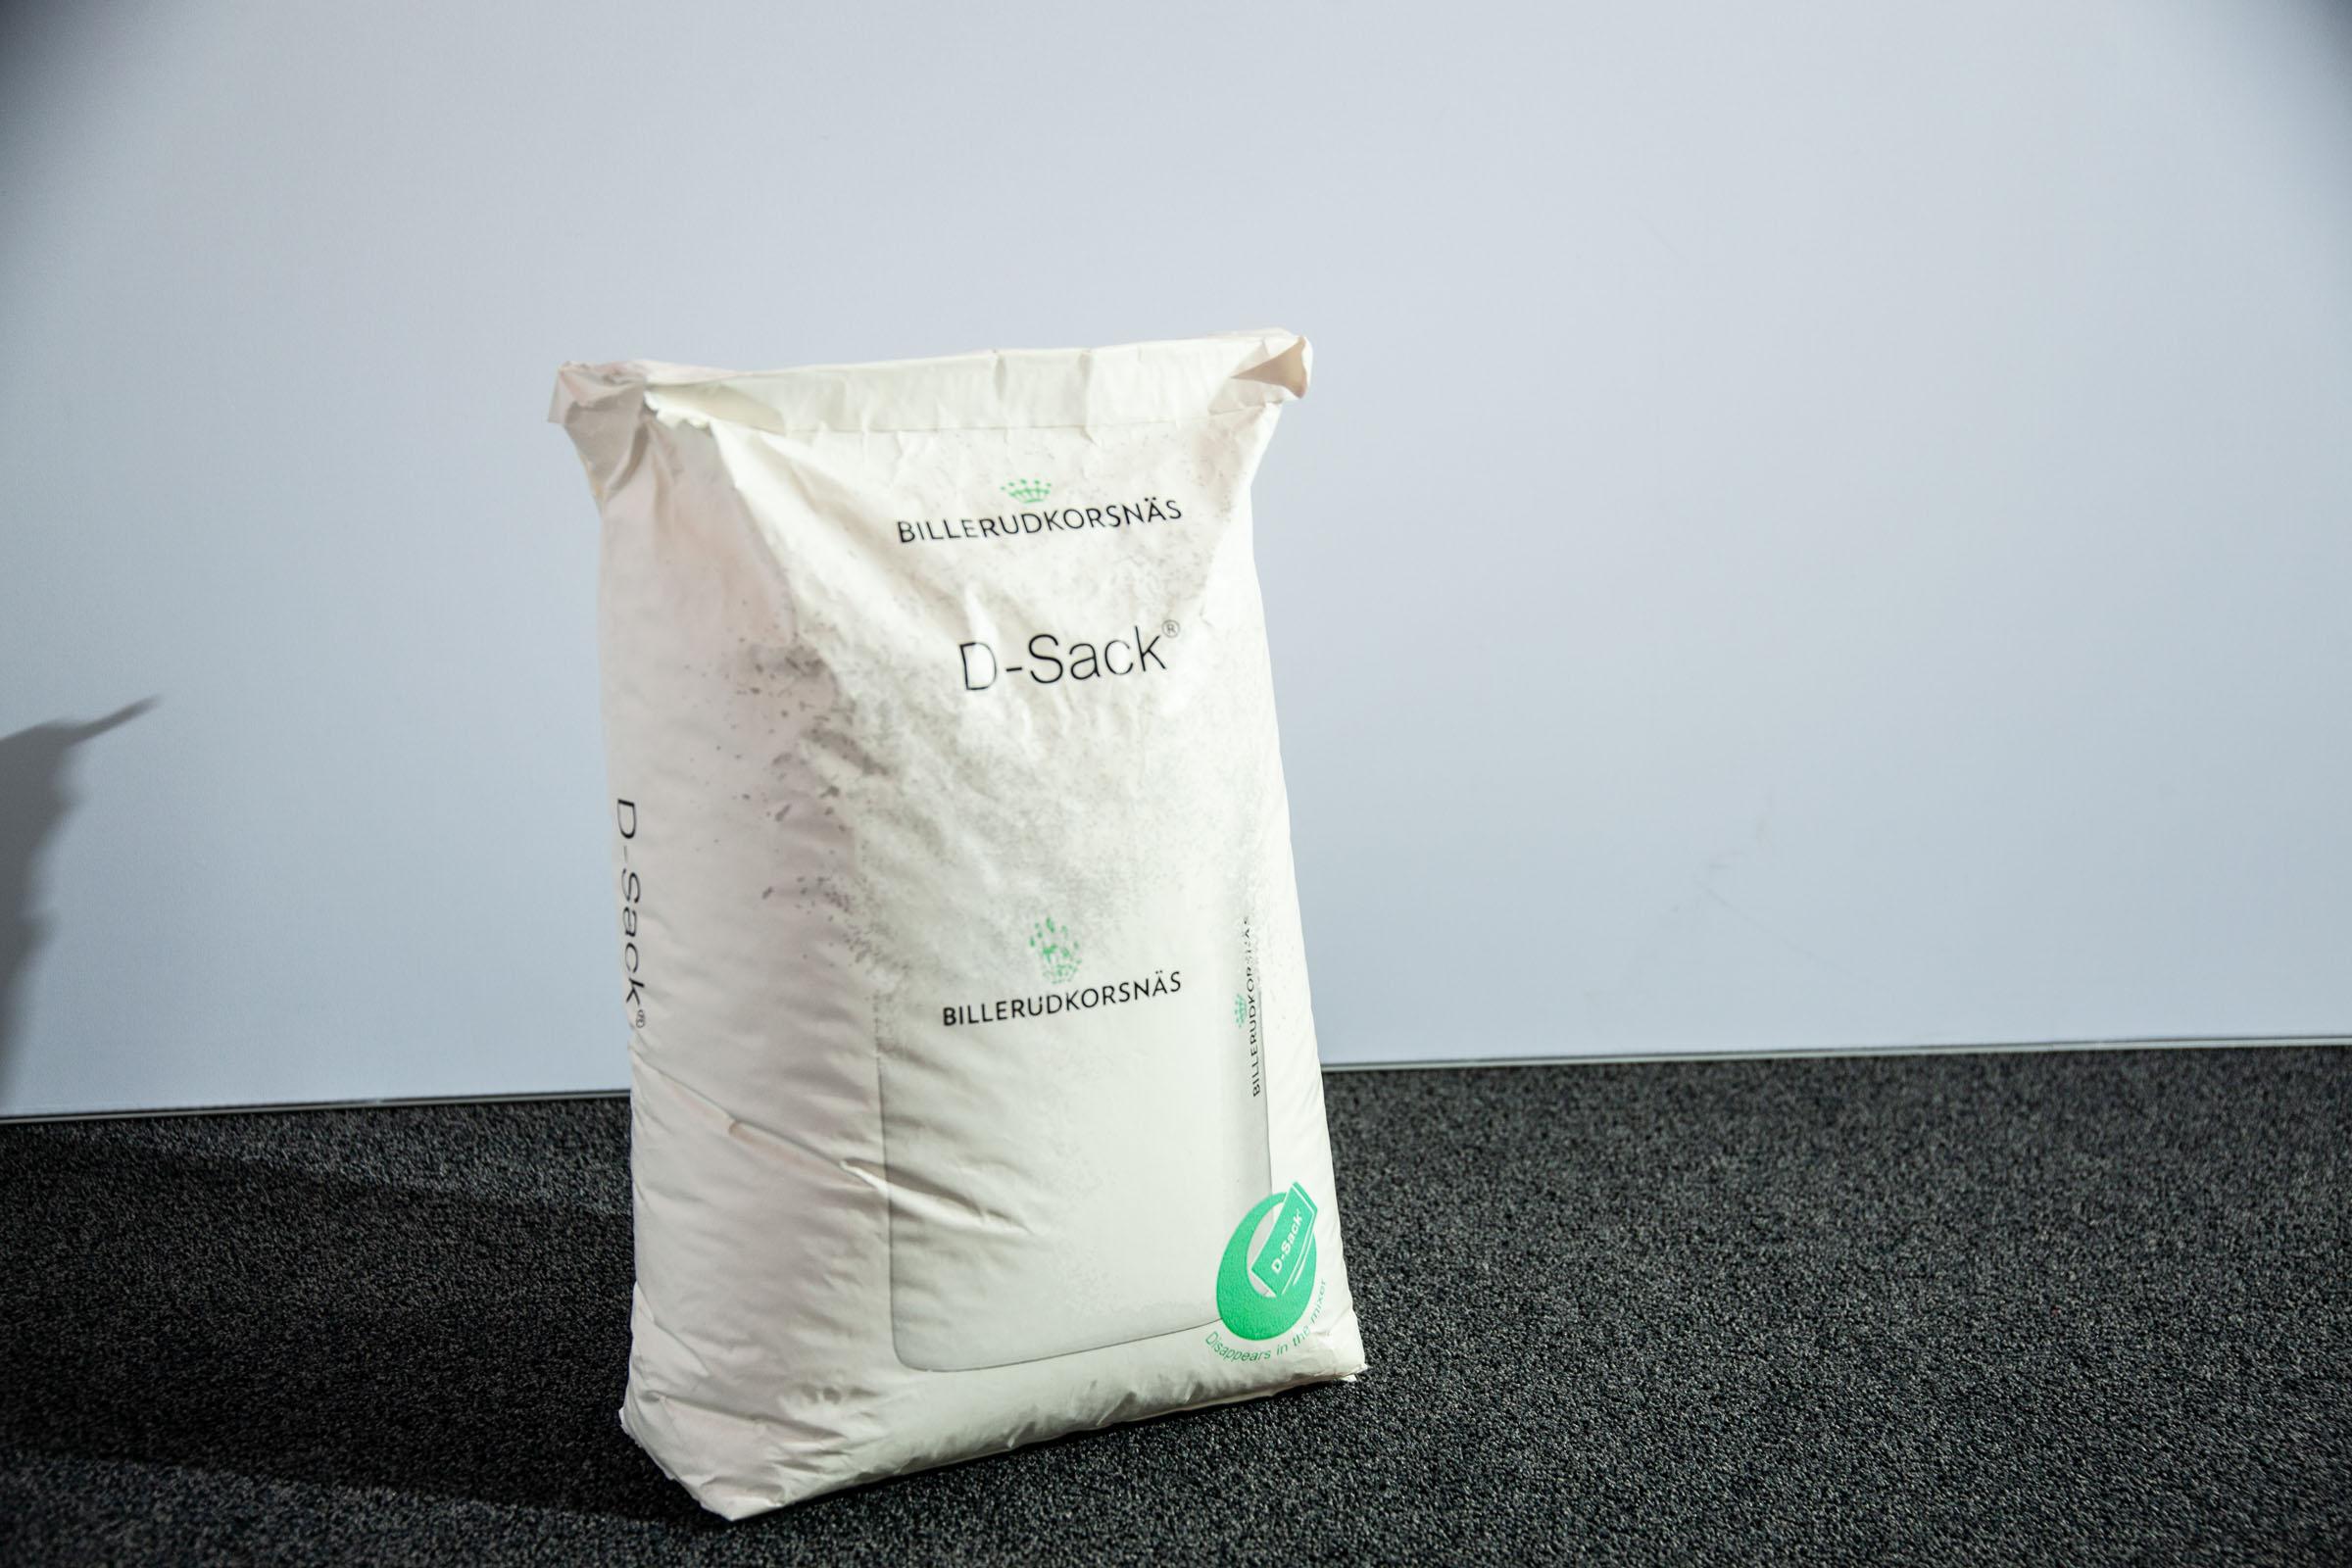 Selbstauflösender Sack im Design von BillerudKorsnäs